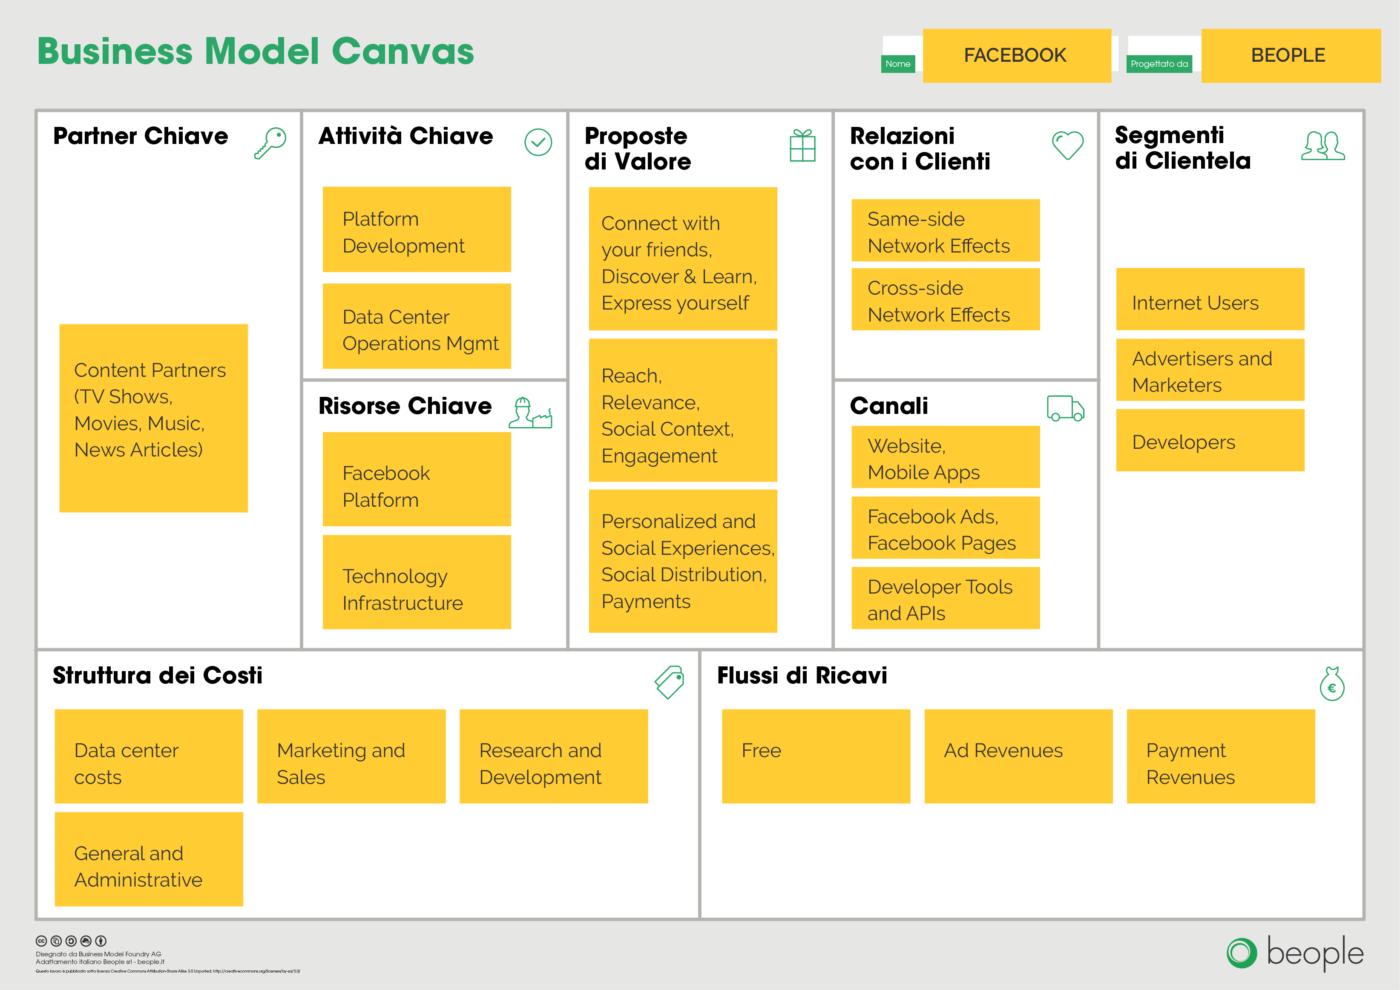 001 Il caso studio di Facebook Business Model Canvas